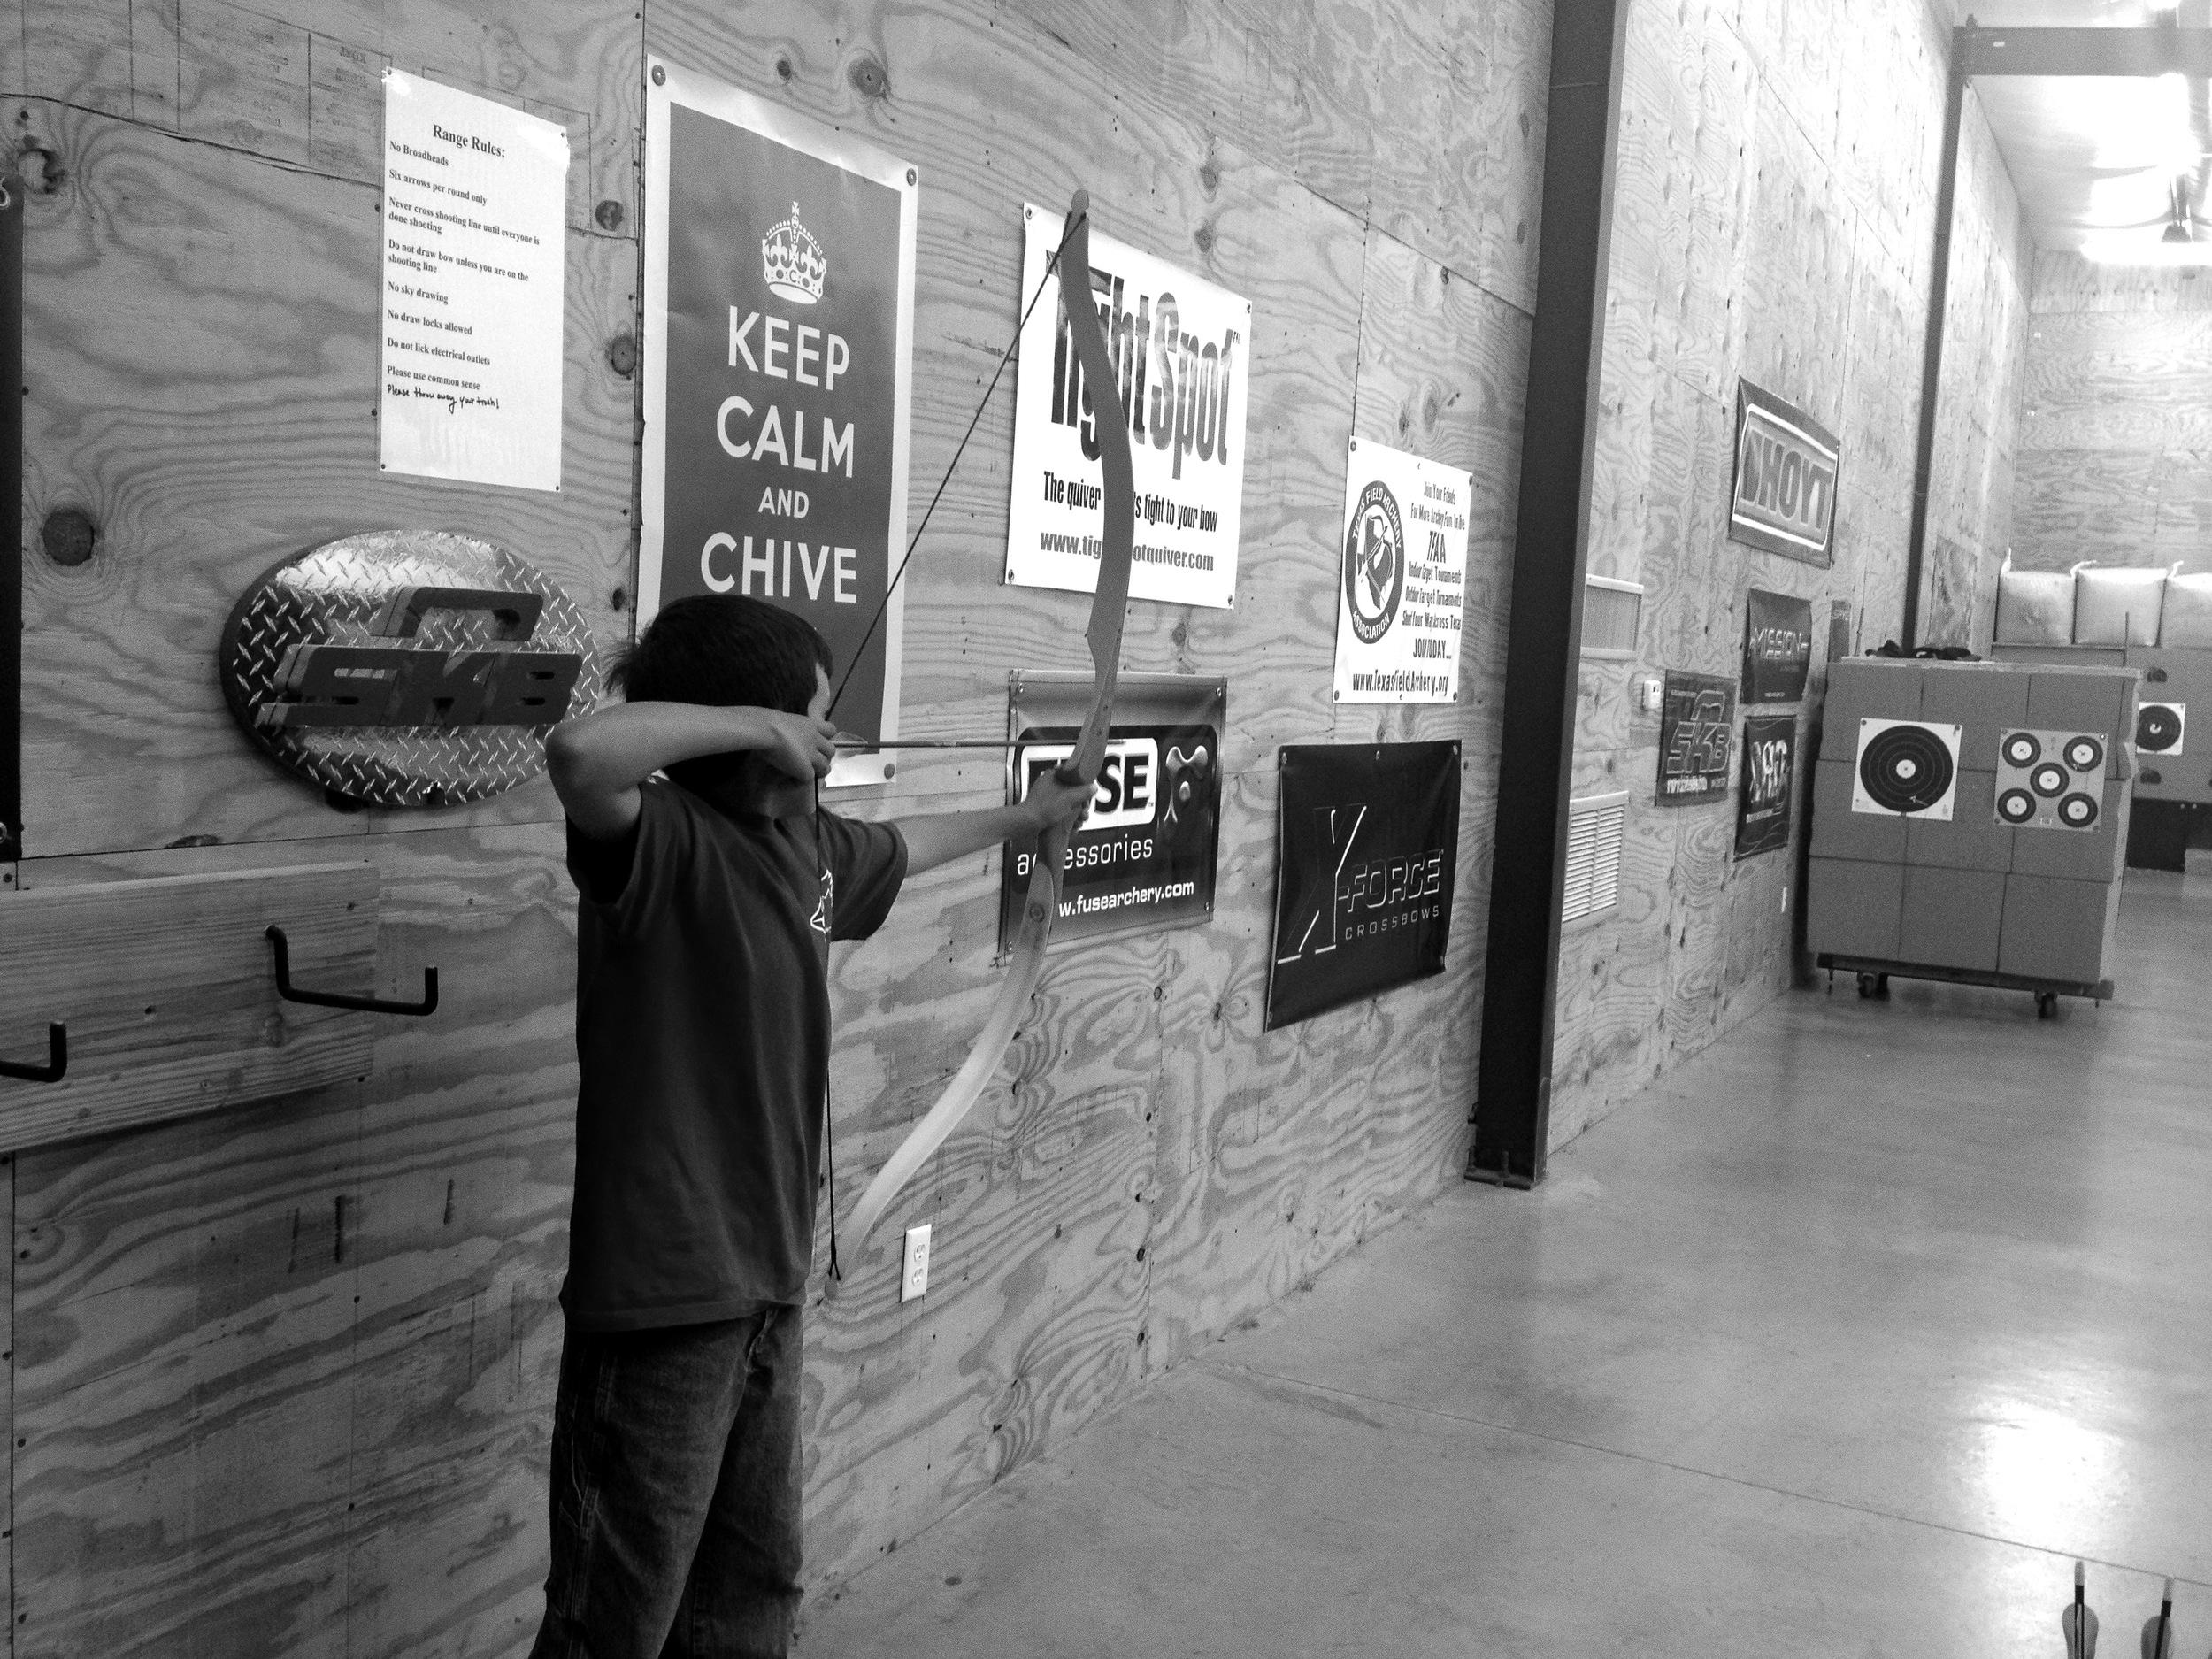 Thomas shooting - 4/19